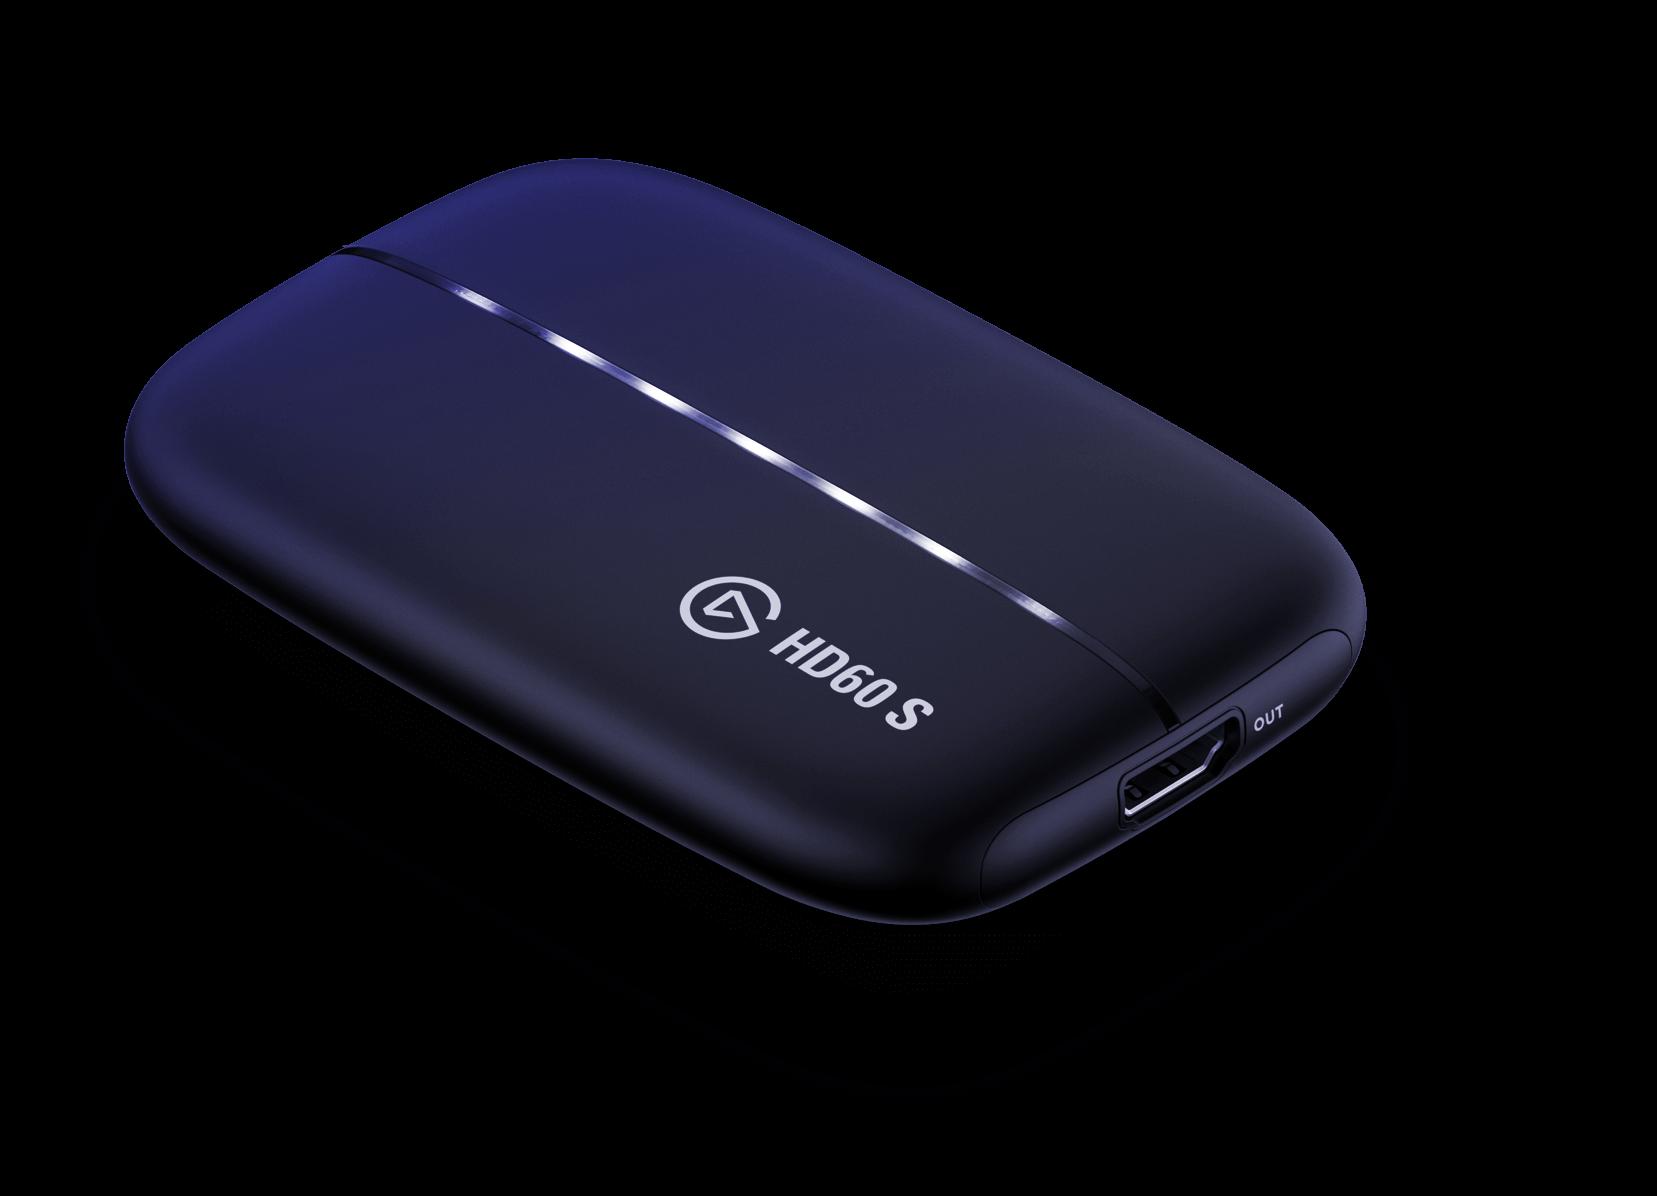 EL GATO HD60S / CAPTURADORA - USB 3.1 / 108OP - 60 FPS